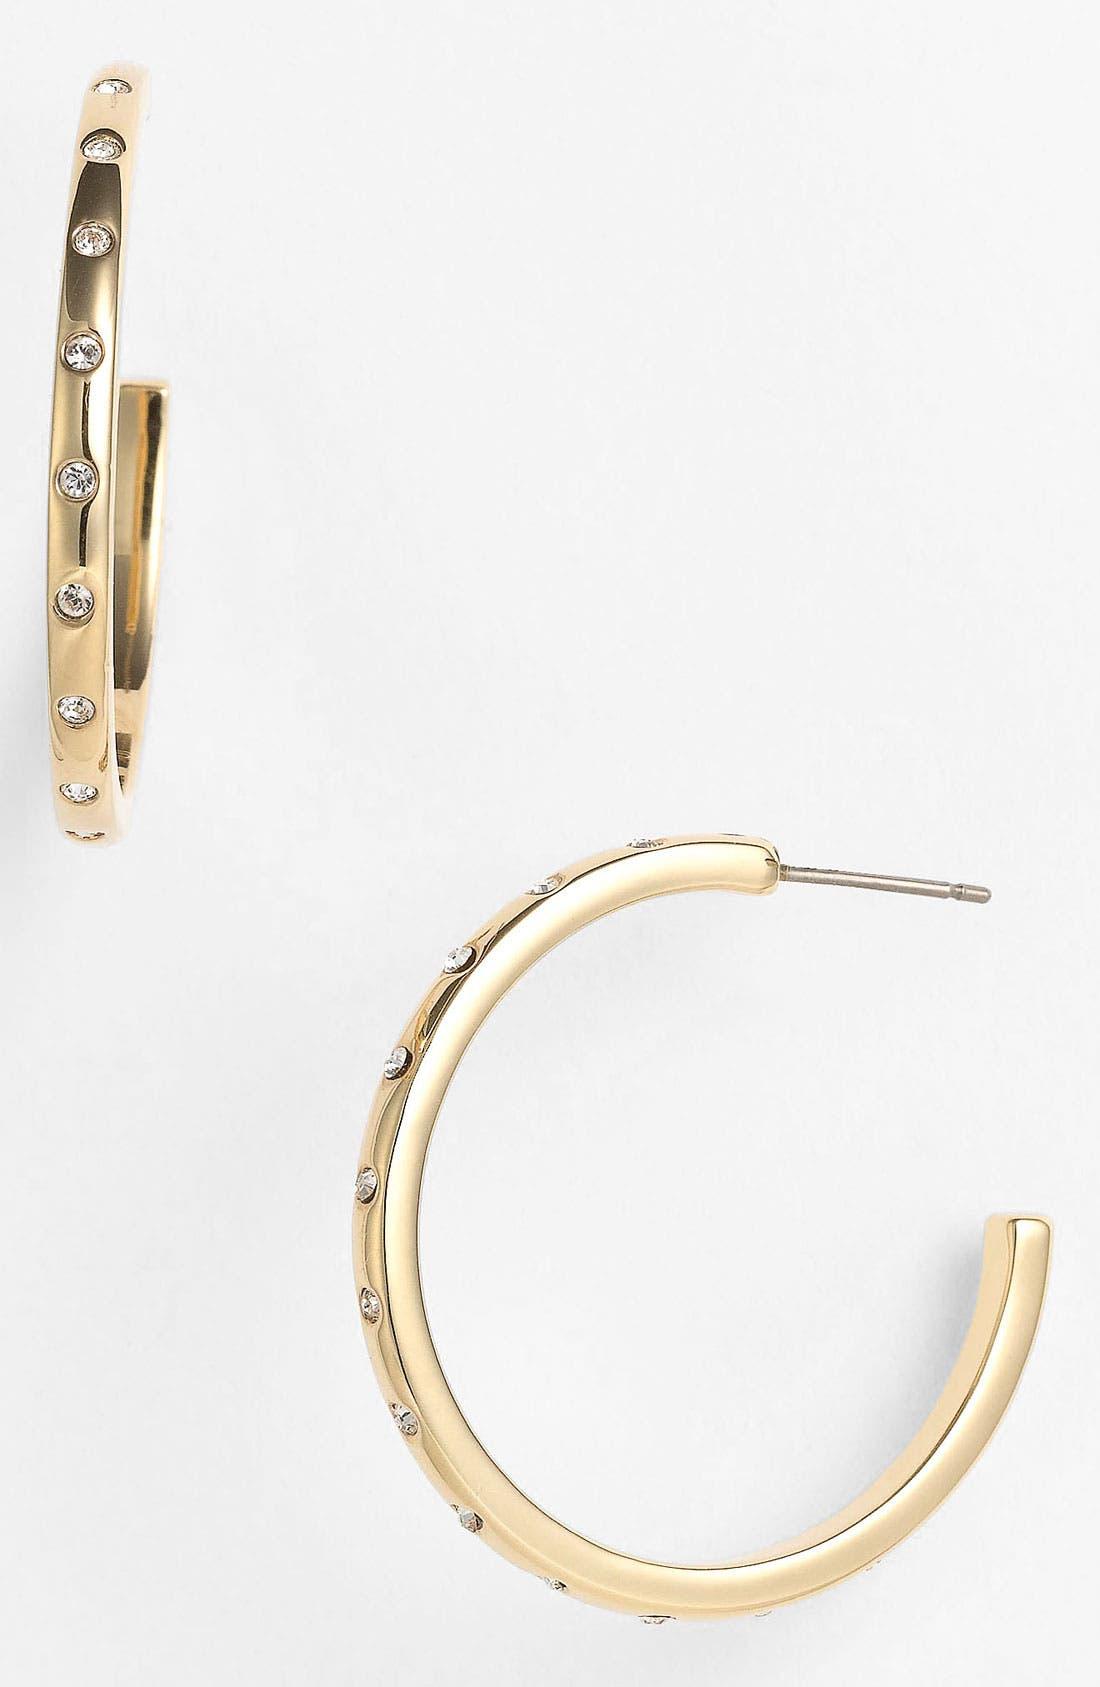 Main Image - Tory Burch 'McCoy' Hoop Earrings